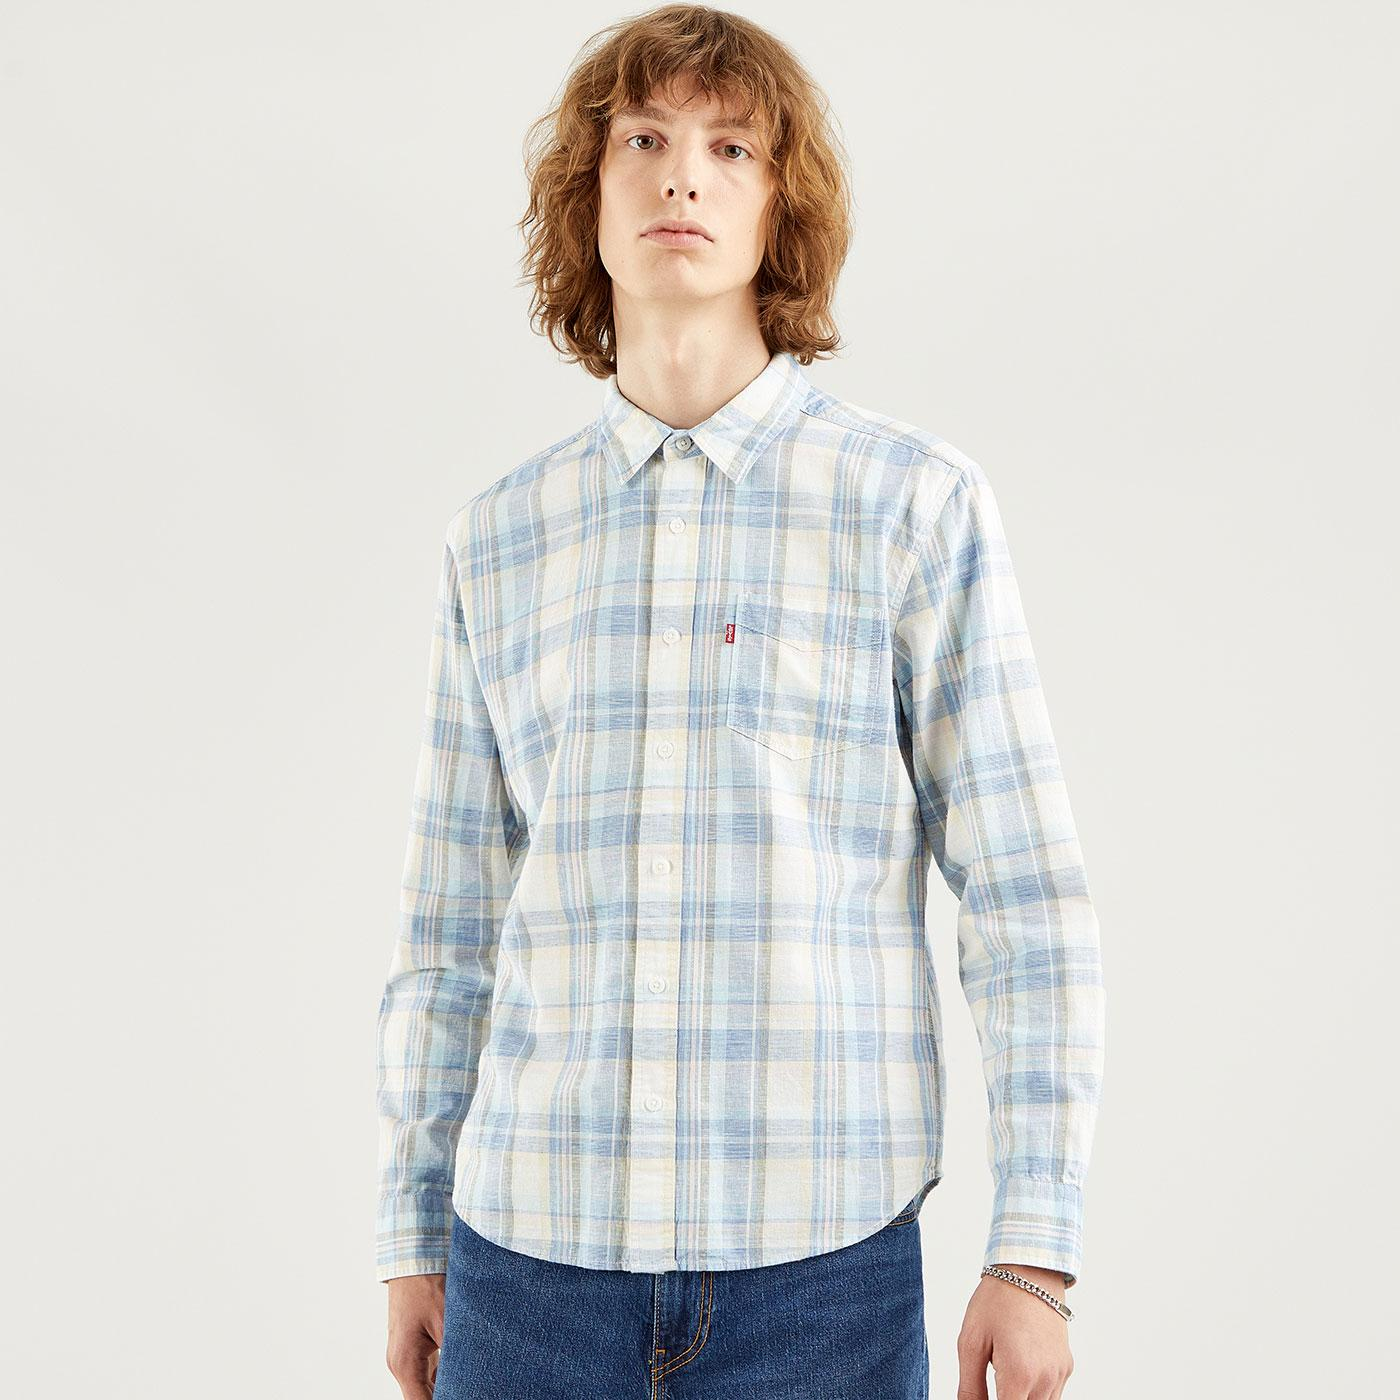 LEVI'S Sunset 1 Pkt Slim Retro Check Shirt (NSS)